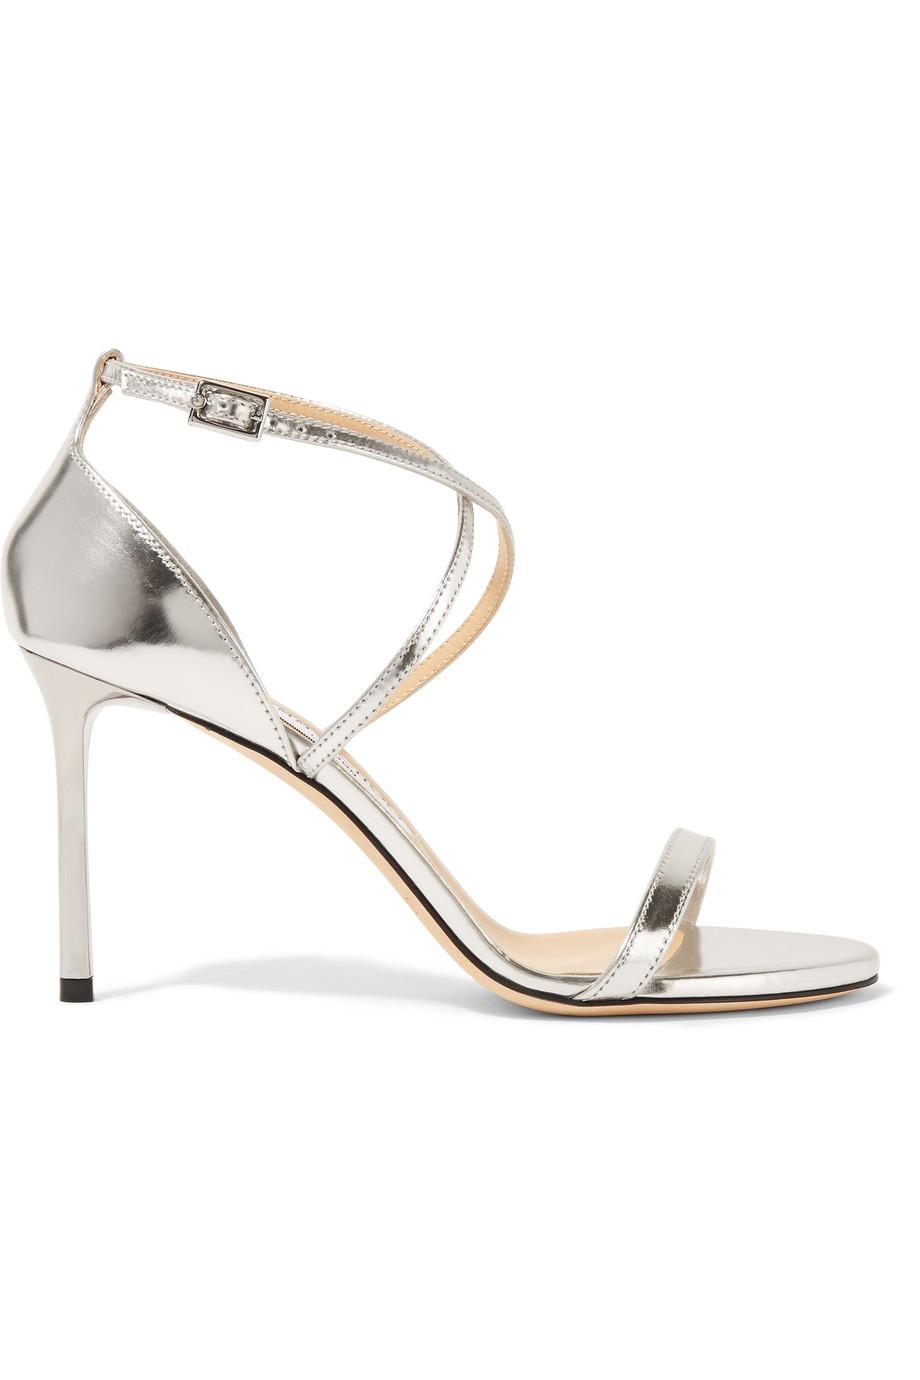 4e786359ae77 Jimmy Choo Memento Hesper Metallic Leather Sandals